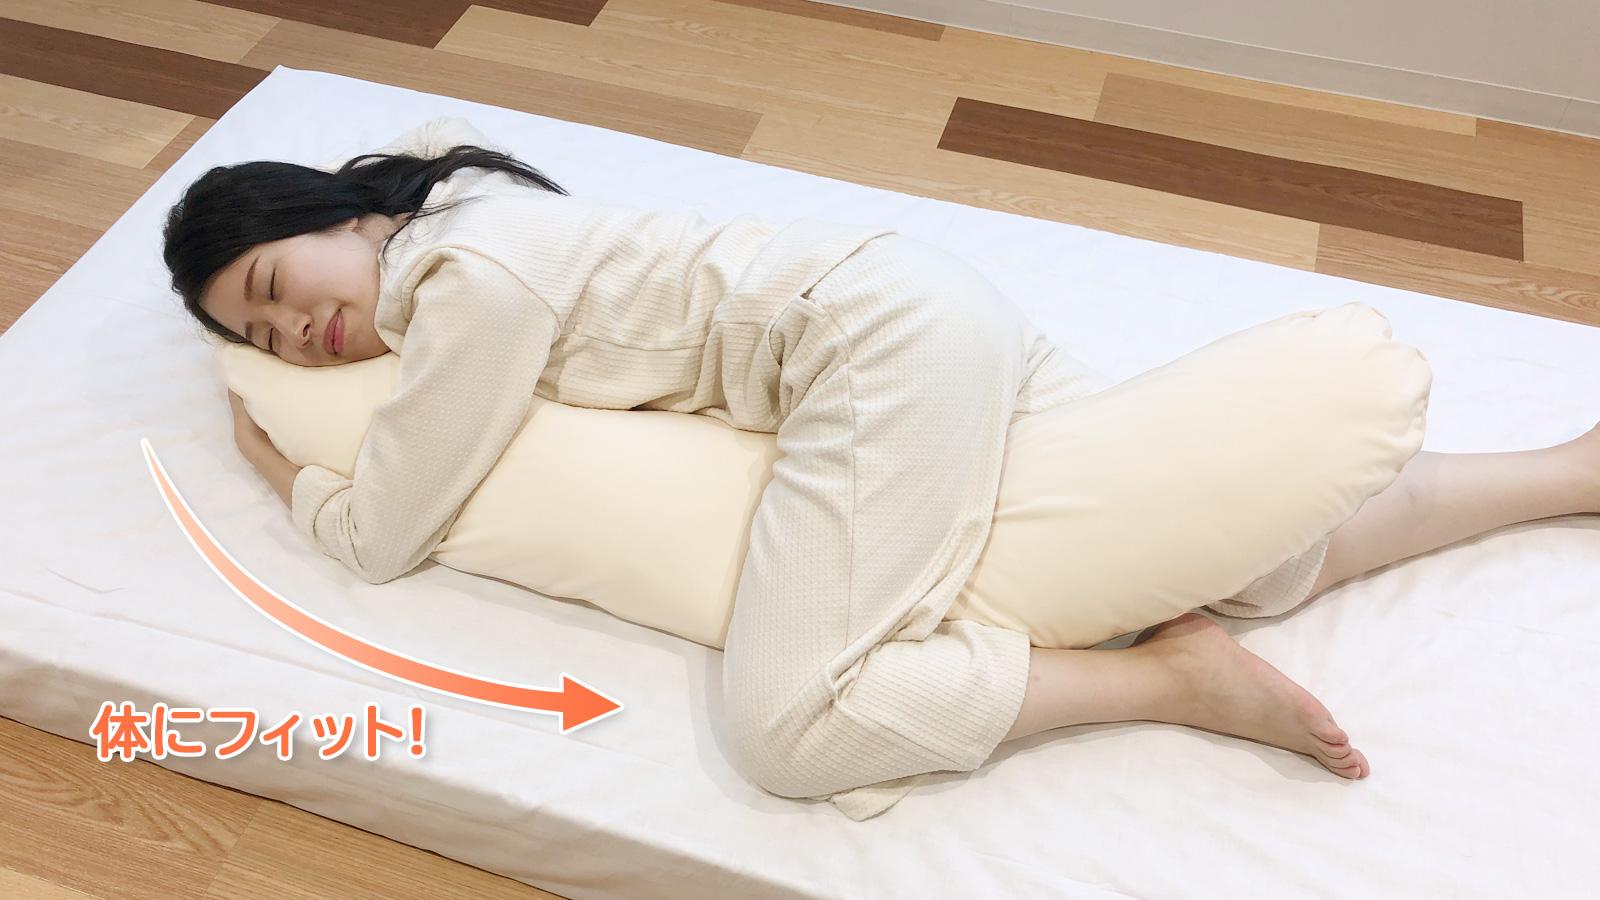 うつぶせ寝で抱き枕を使用した時